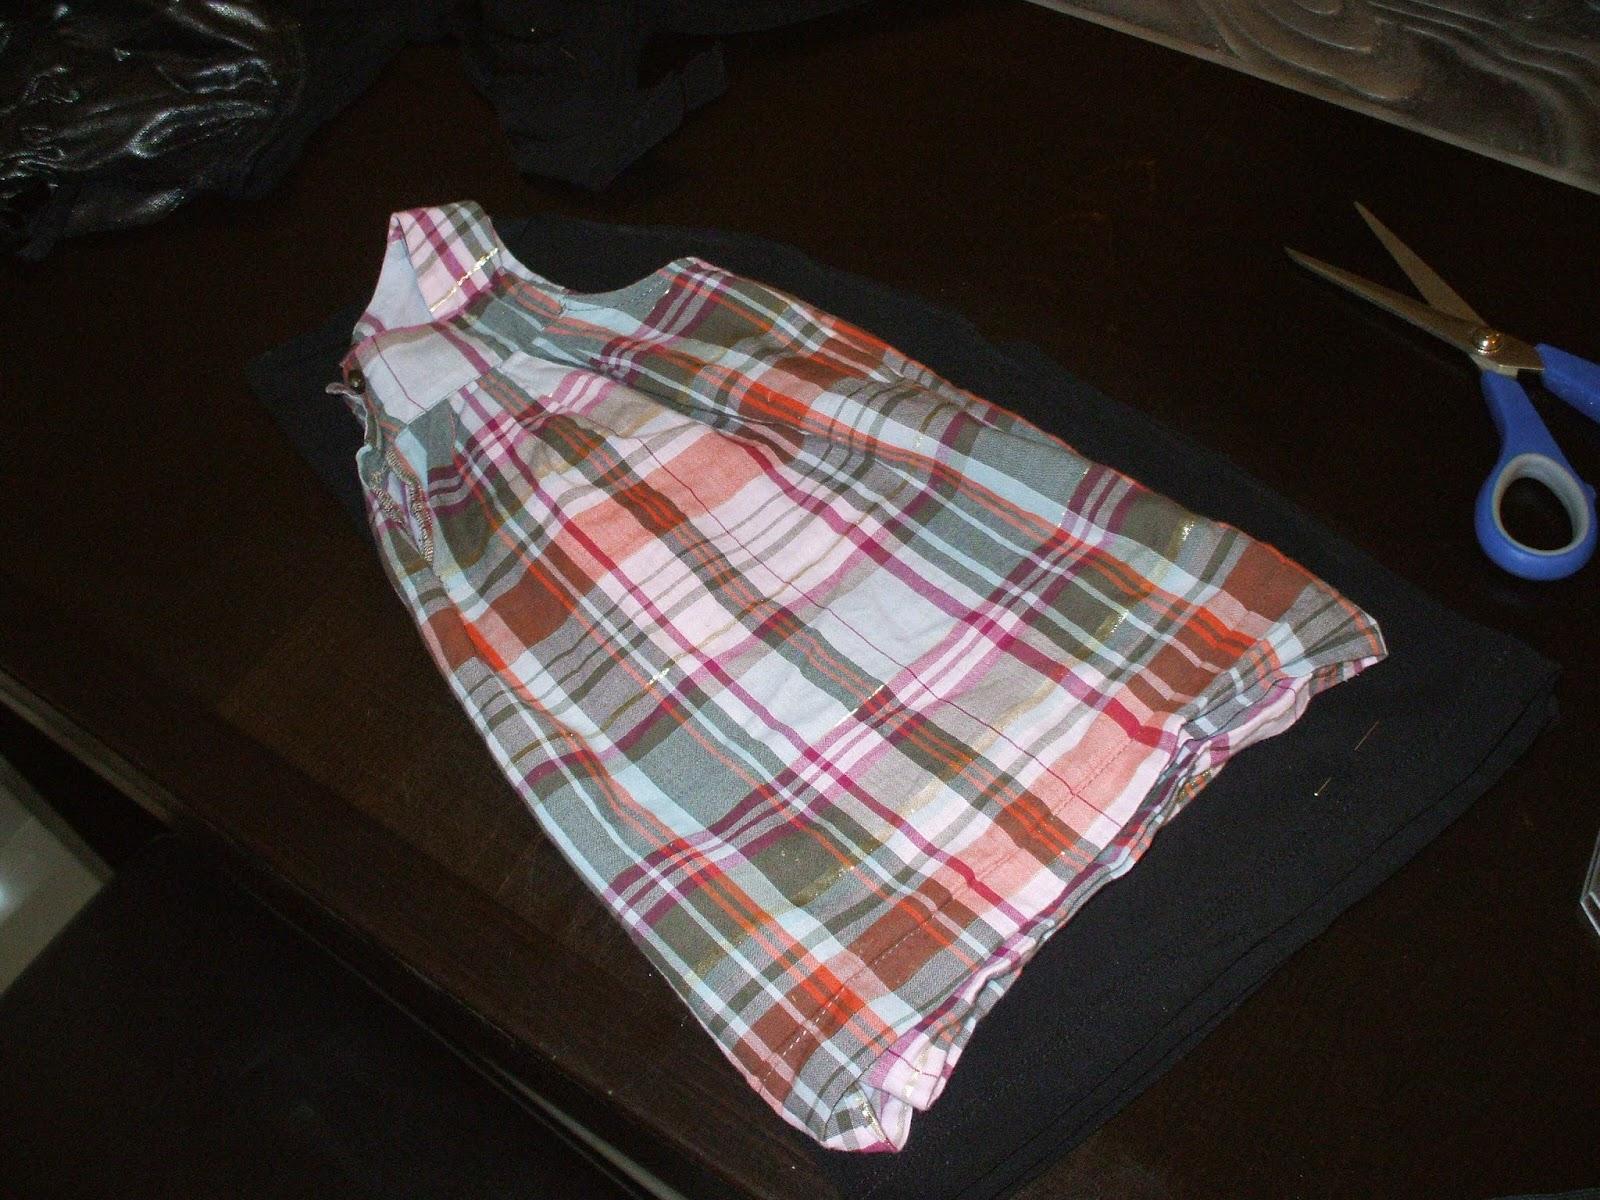 DSCF2549 - שמלה בשעה